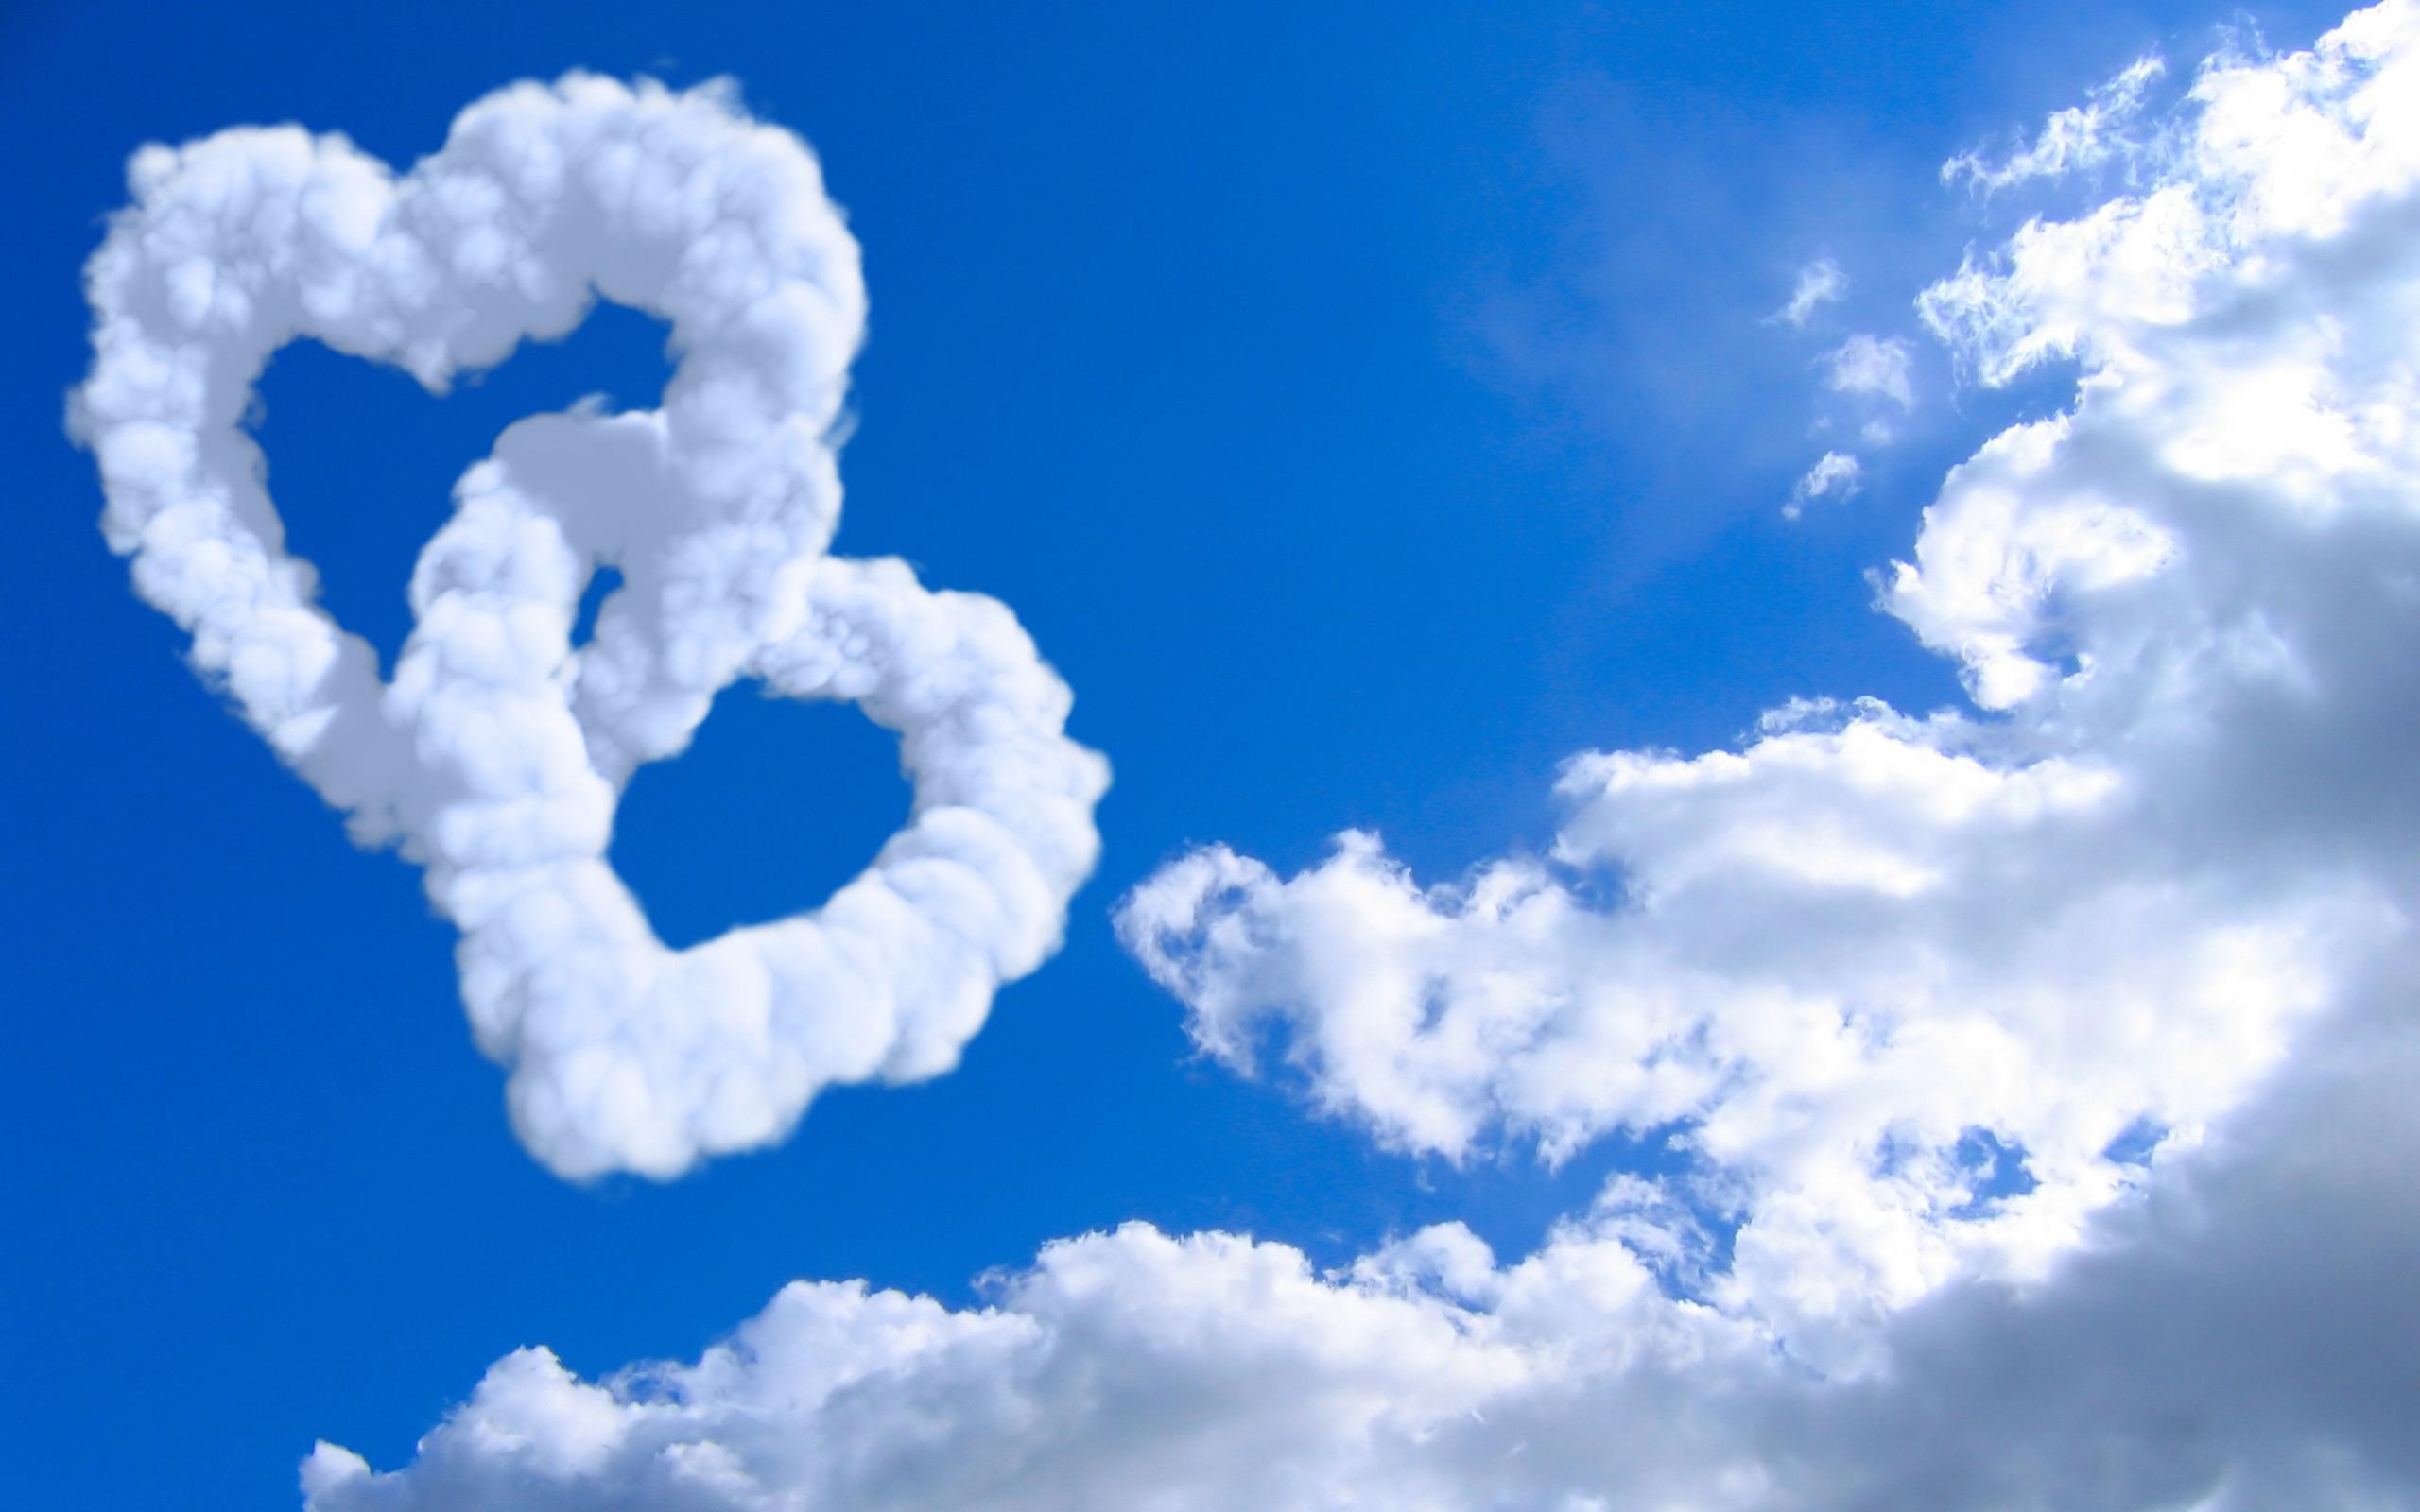 صور قلوب وحب ورومانسية وصورة قلب HD  (40)